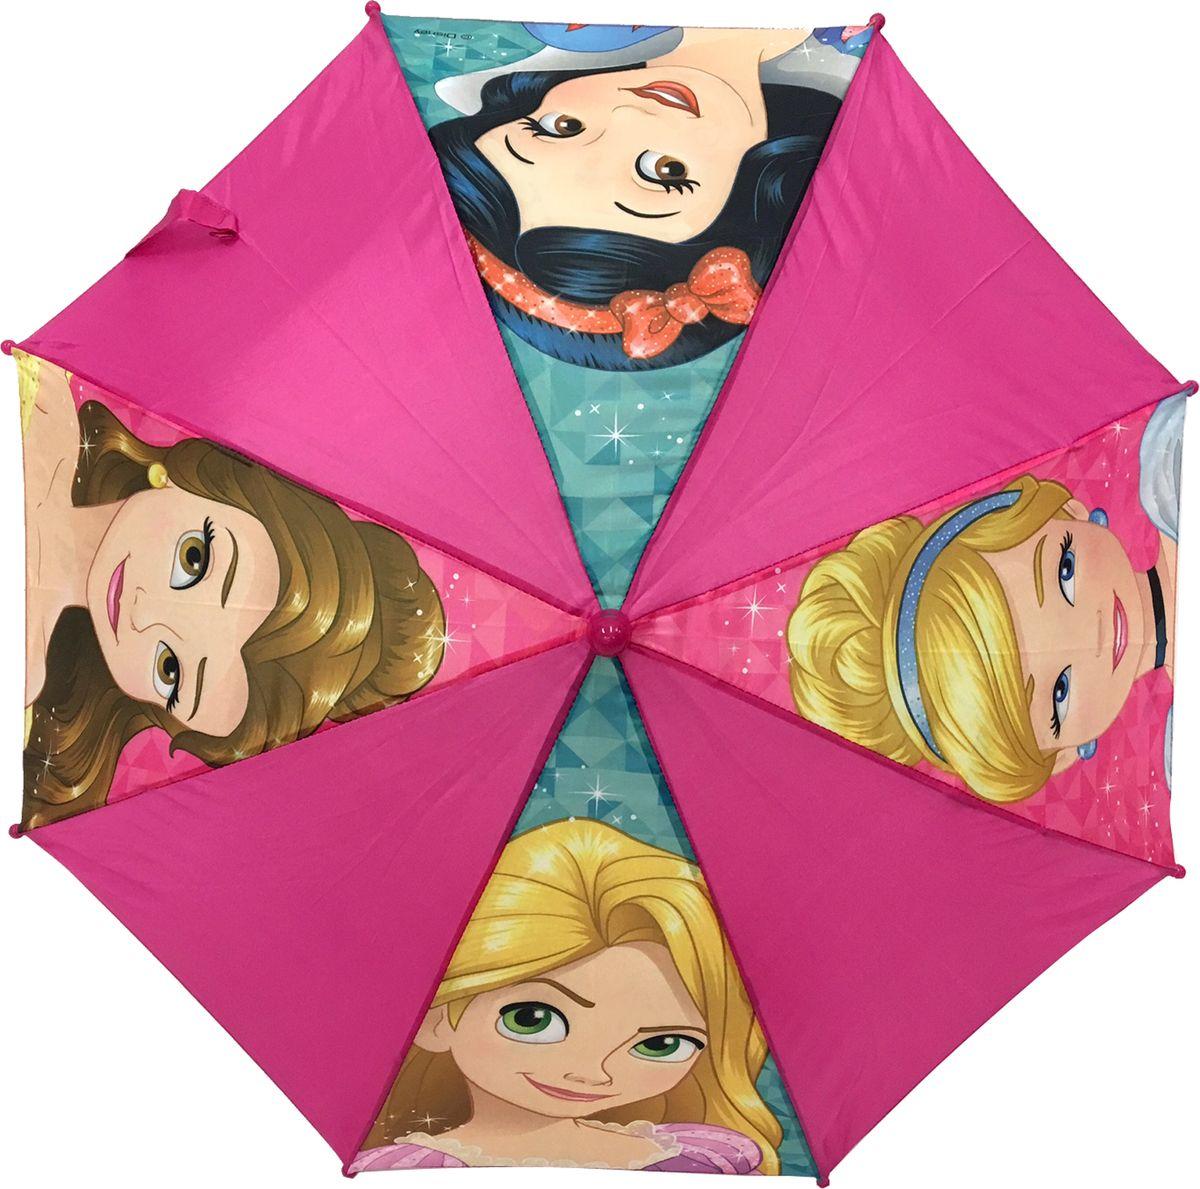 Зонт-трость для девочки Disney Princess, механический, цвет: розовый. 34793479Компактный детский зонтик-трость Disney Princess станет замечательным подарком и защитит вашу принцессу не только от дождя, но и от солнца. Красочный дизайн зонтика поднимет настроение и станет незаменимым атрибутом прогулки. Ребенок сможет сам открывать и закрывать зонтик, благодаря легкому механизму, а оригинальная расцветка зонтика привлечет к себе внимание. Тип механизма: механика (открывается и закрывается модель с помощью нажатия на кнопку). Конструкция зонта: зонт-трость.